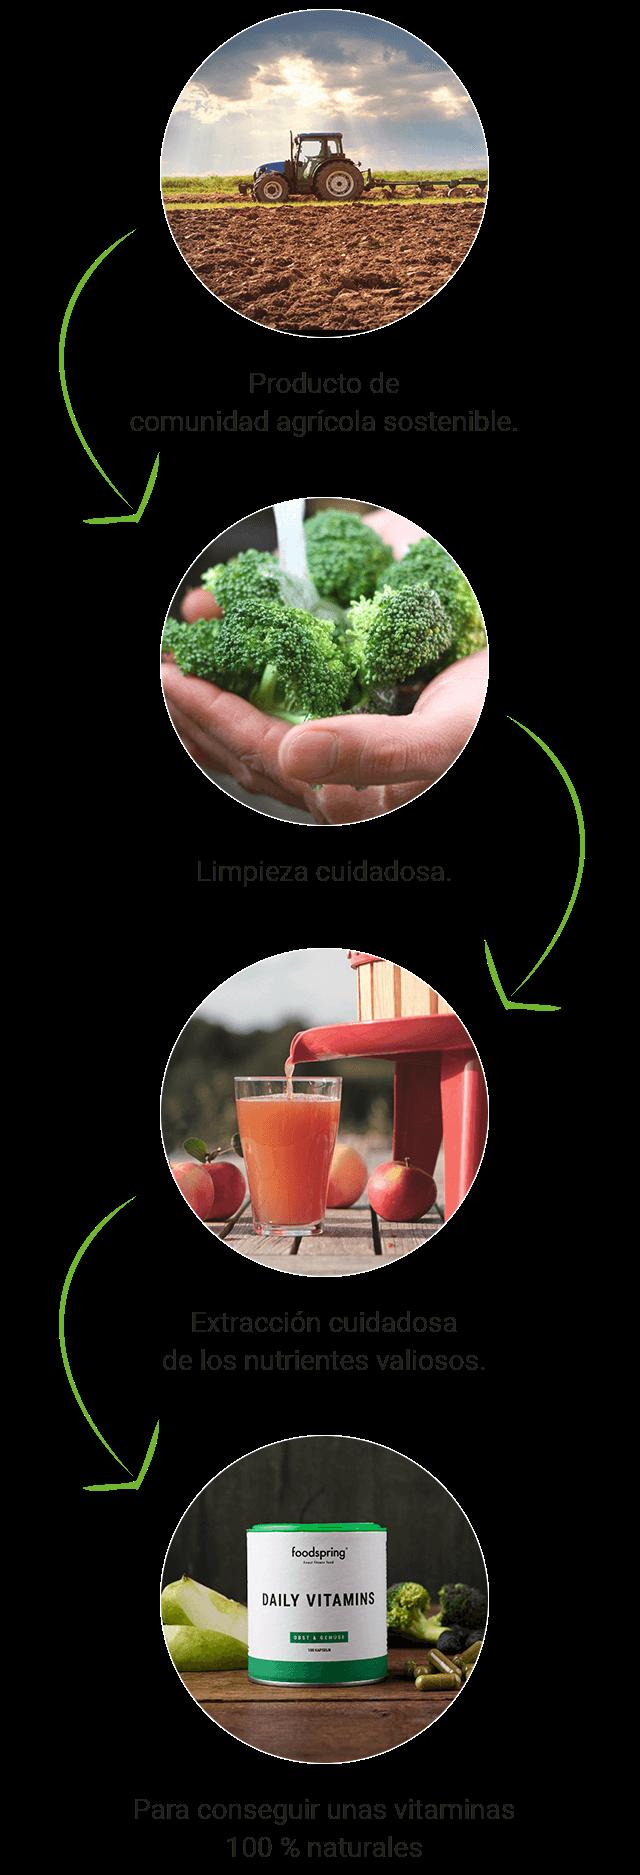 Proceso de fabricación de las cápsulas de Daily Vitamins